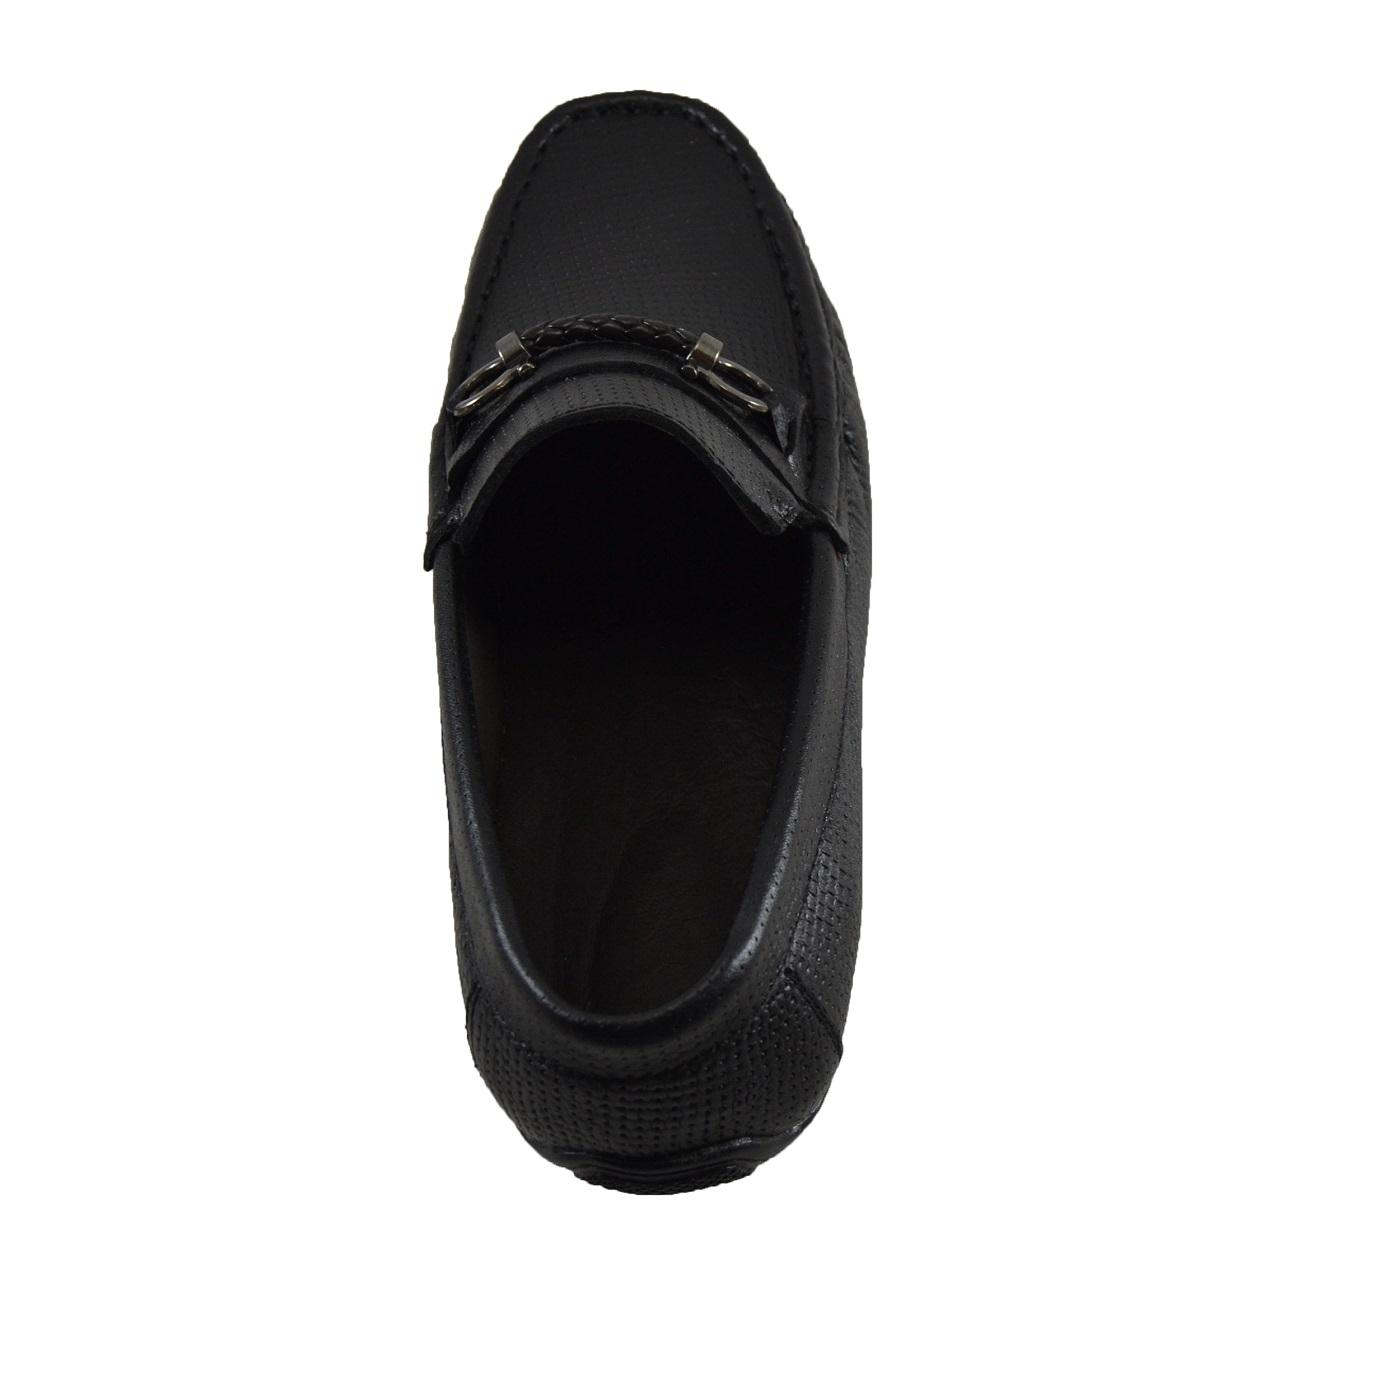 کفش روزمره مردانه کد 280 -  - 2